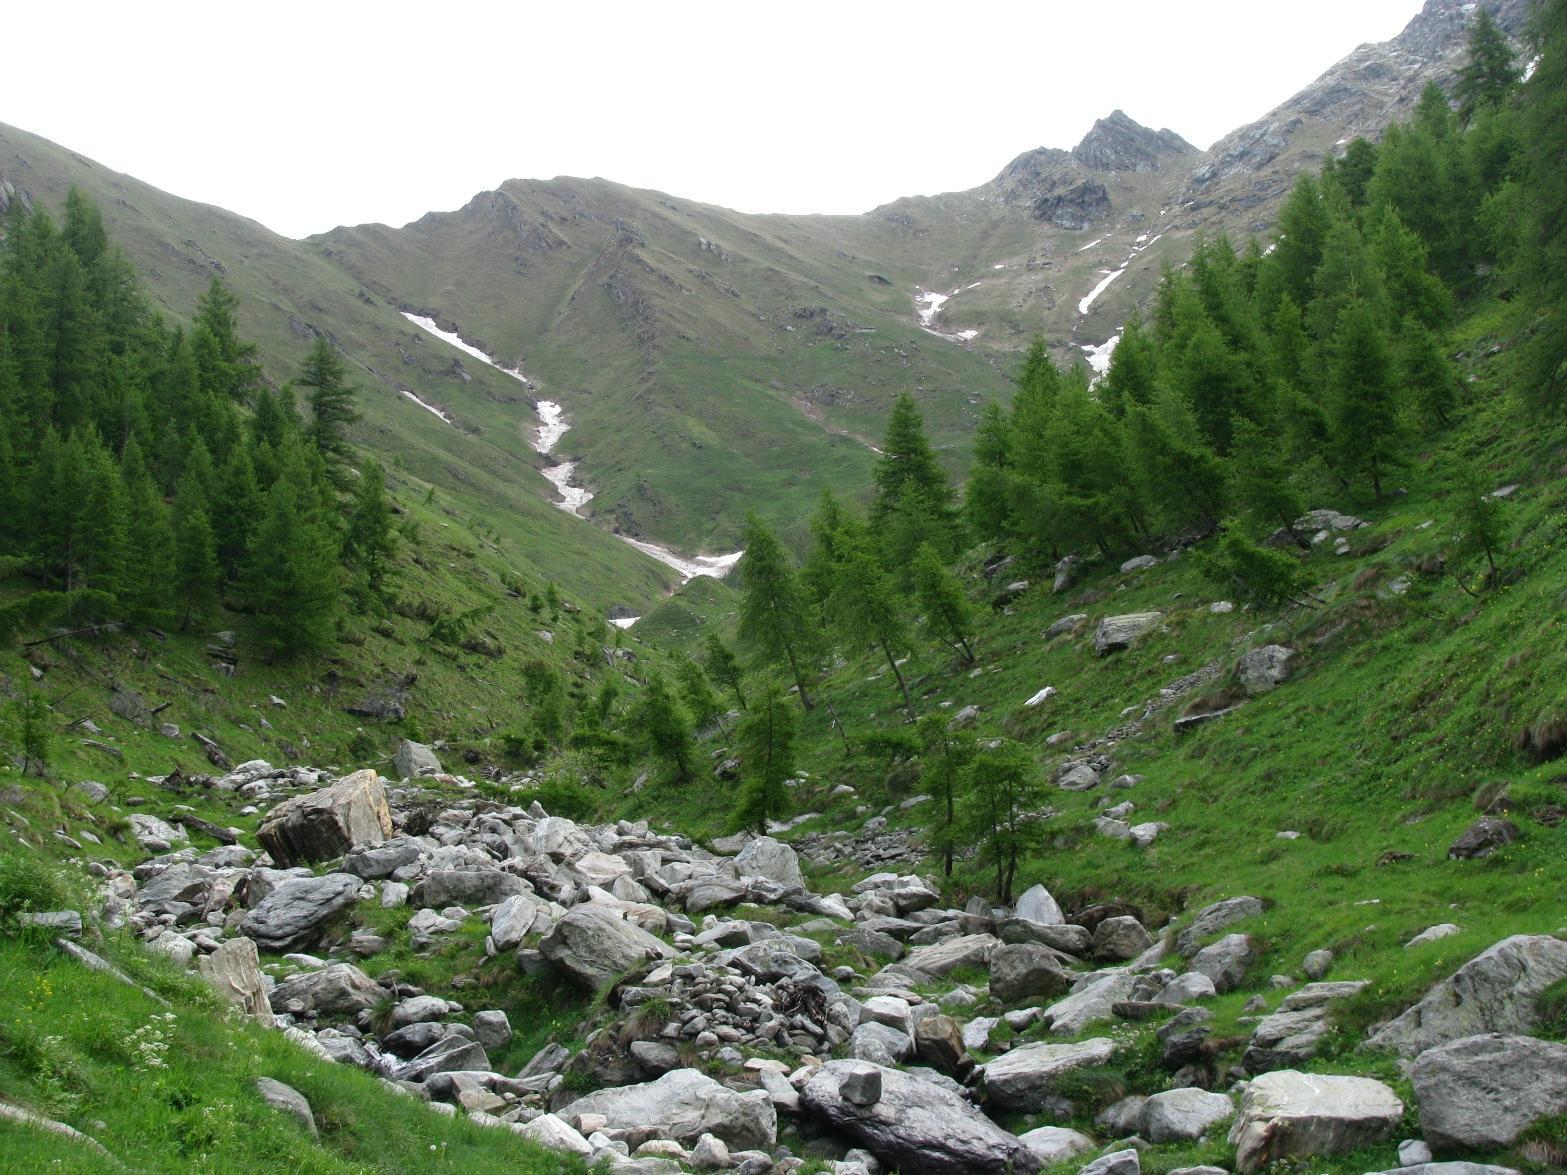 Il M. Autaret, domina l'oggi grigioverde Vallone del Sasset